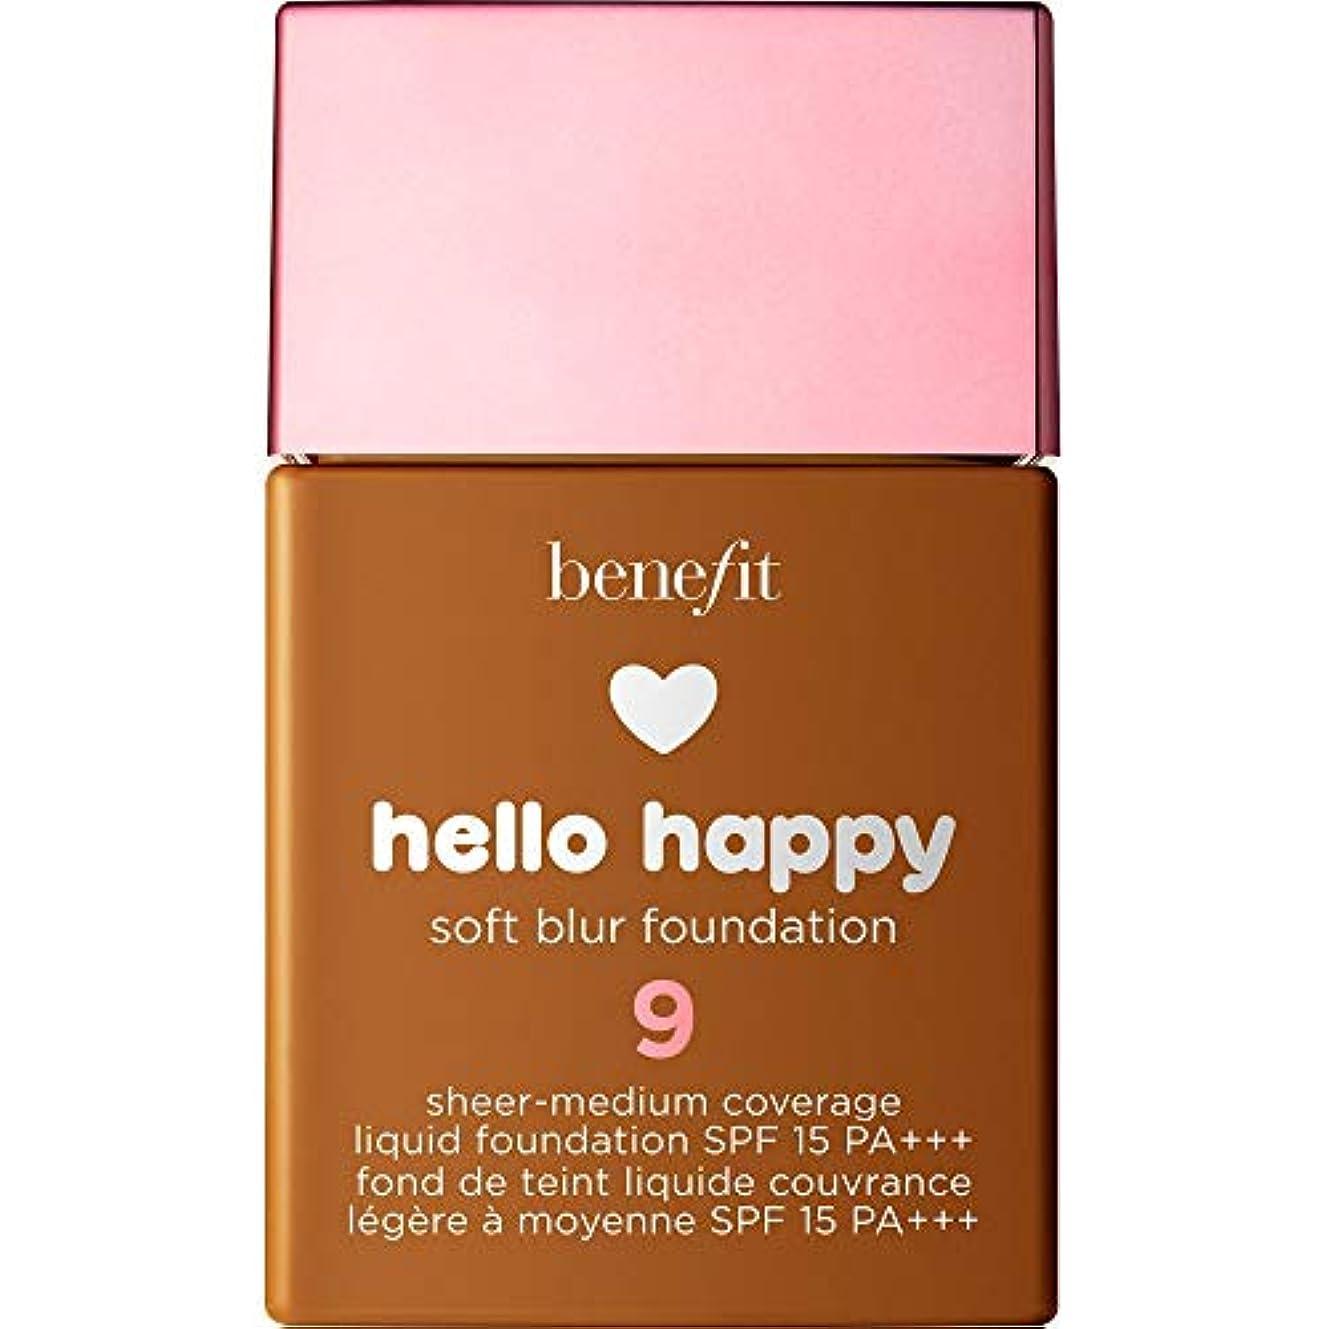 苛性アロング定義する[Benefit ] 利点は、ハロー幸せソフトブラー基礎Spf15 30ミリリットル9 - 深い中立 - Benefit Hello Happy Soft Blur Foundation SPF15 30ml 9 - Deep...